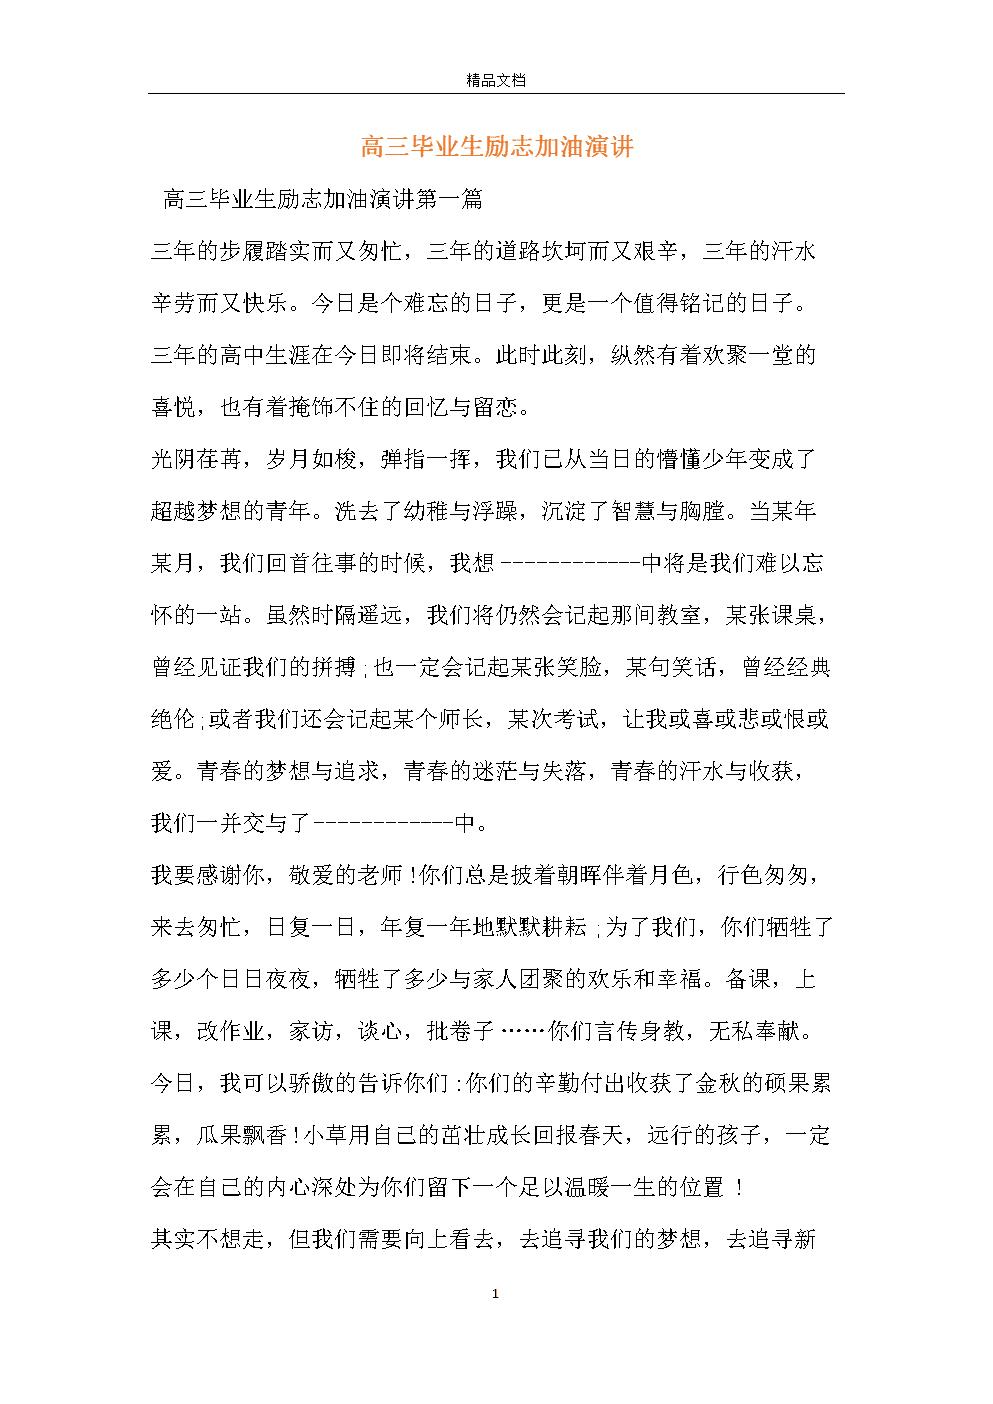 高三毕业生励志加油演讲.docx